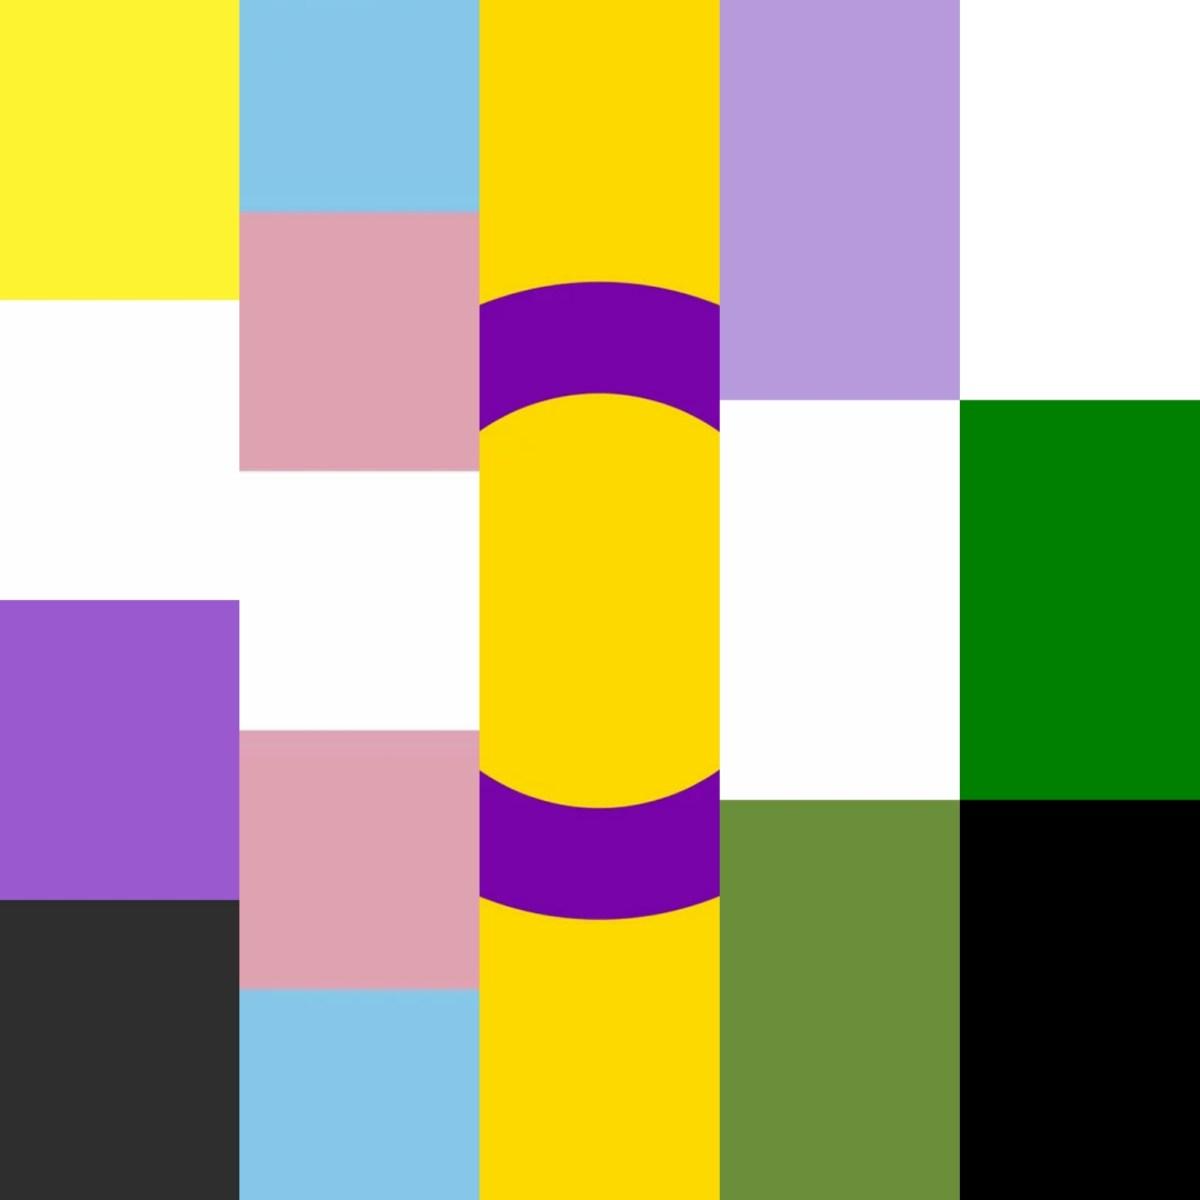 Kuva on kokoelma erilaisista sukupuolen moninaisuuteen liittyvistä lipuista.